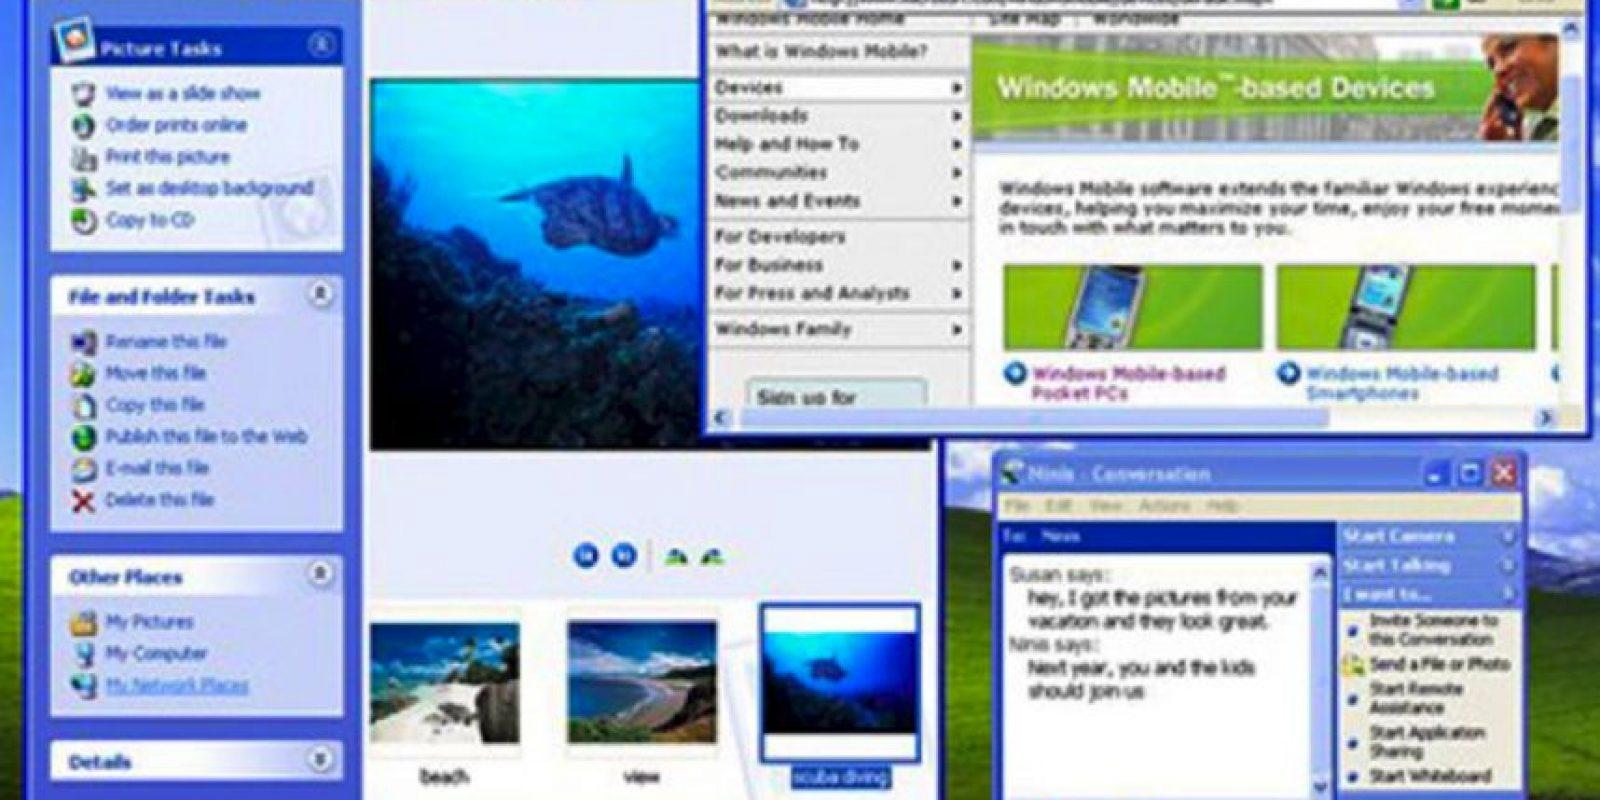 Plataformas como Windows 2000, Windows Me y Windows Home tuvieron ligeras mejoras en el software. El Windows XP terminó con la actualización definitiva de estas versiones Foto:Microsoft